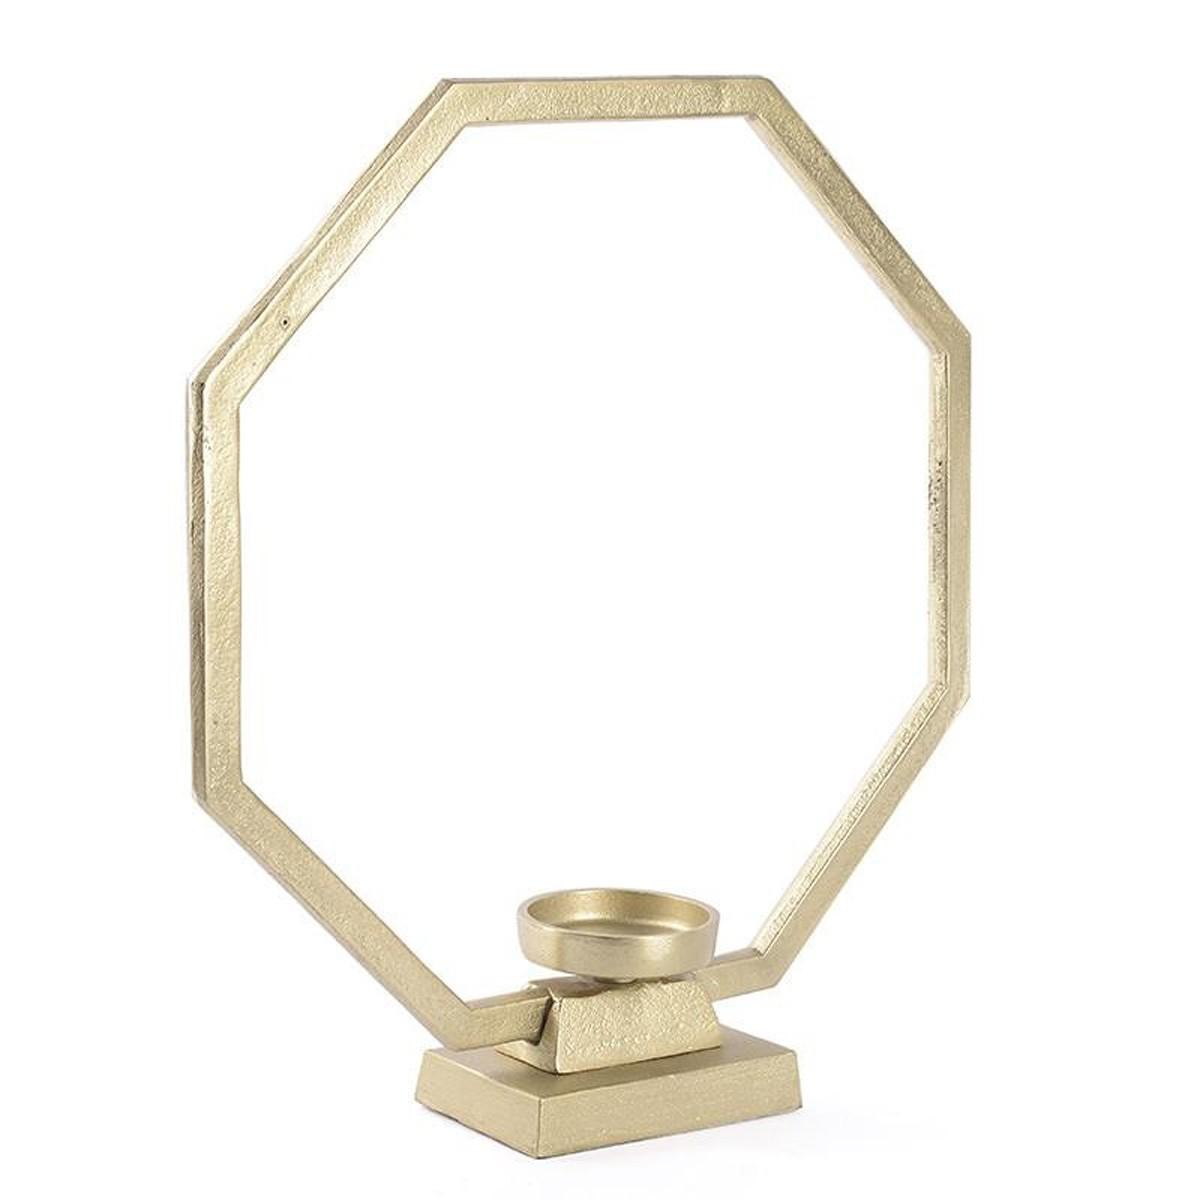 Κηροπήγιο InArt Flame Hoop Gold 3-70-357-0059